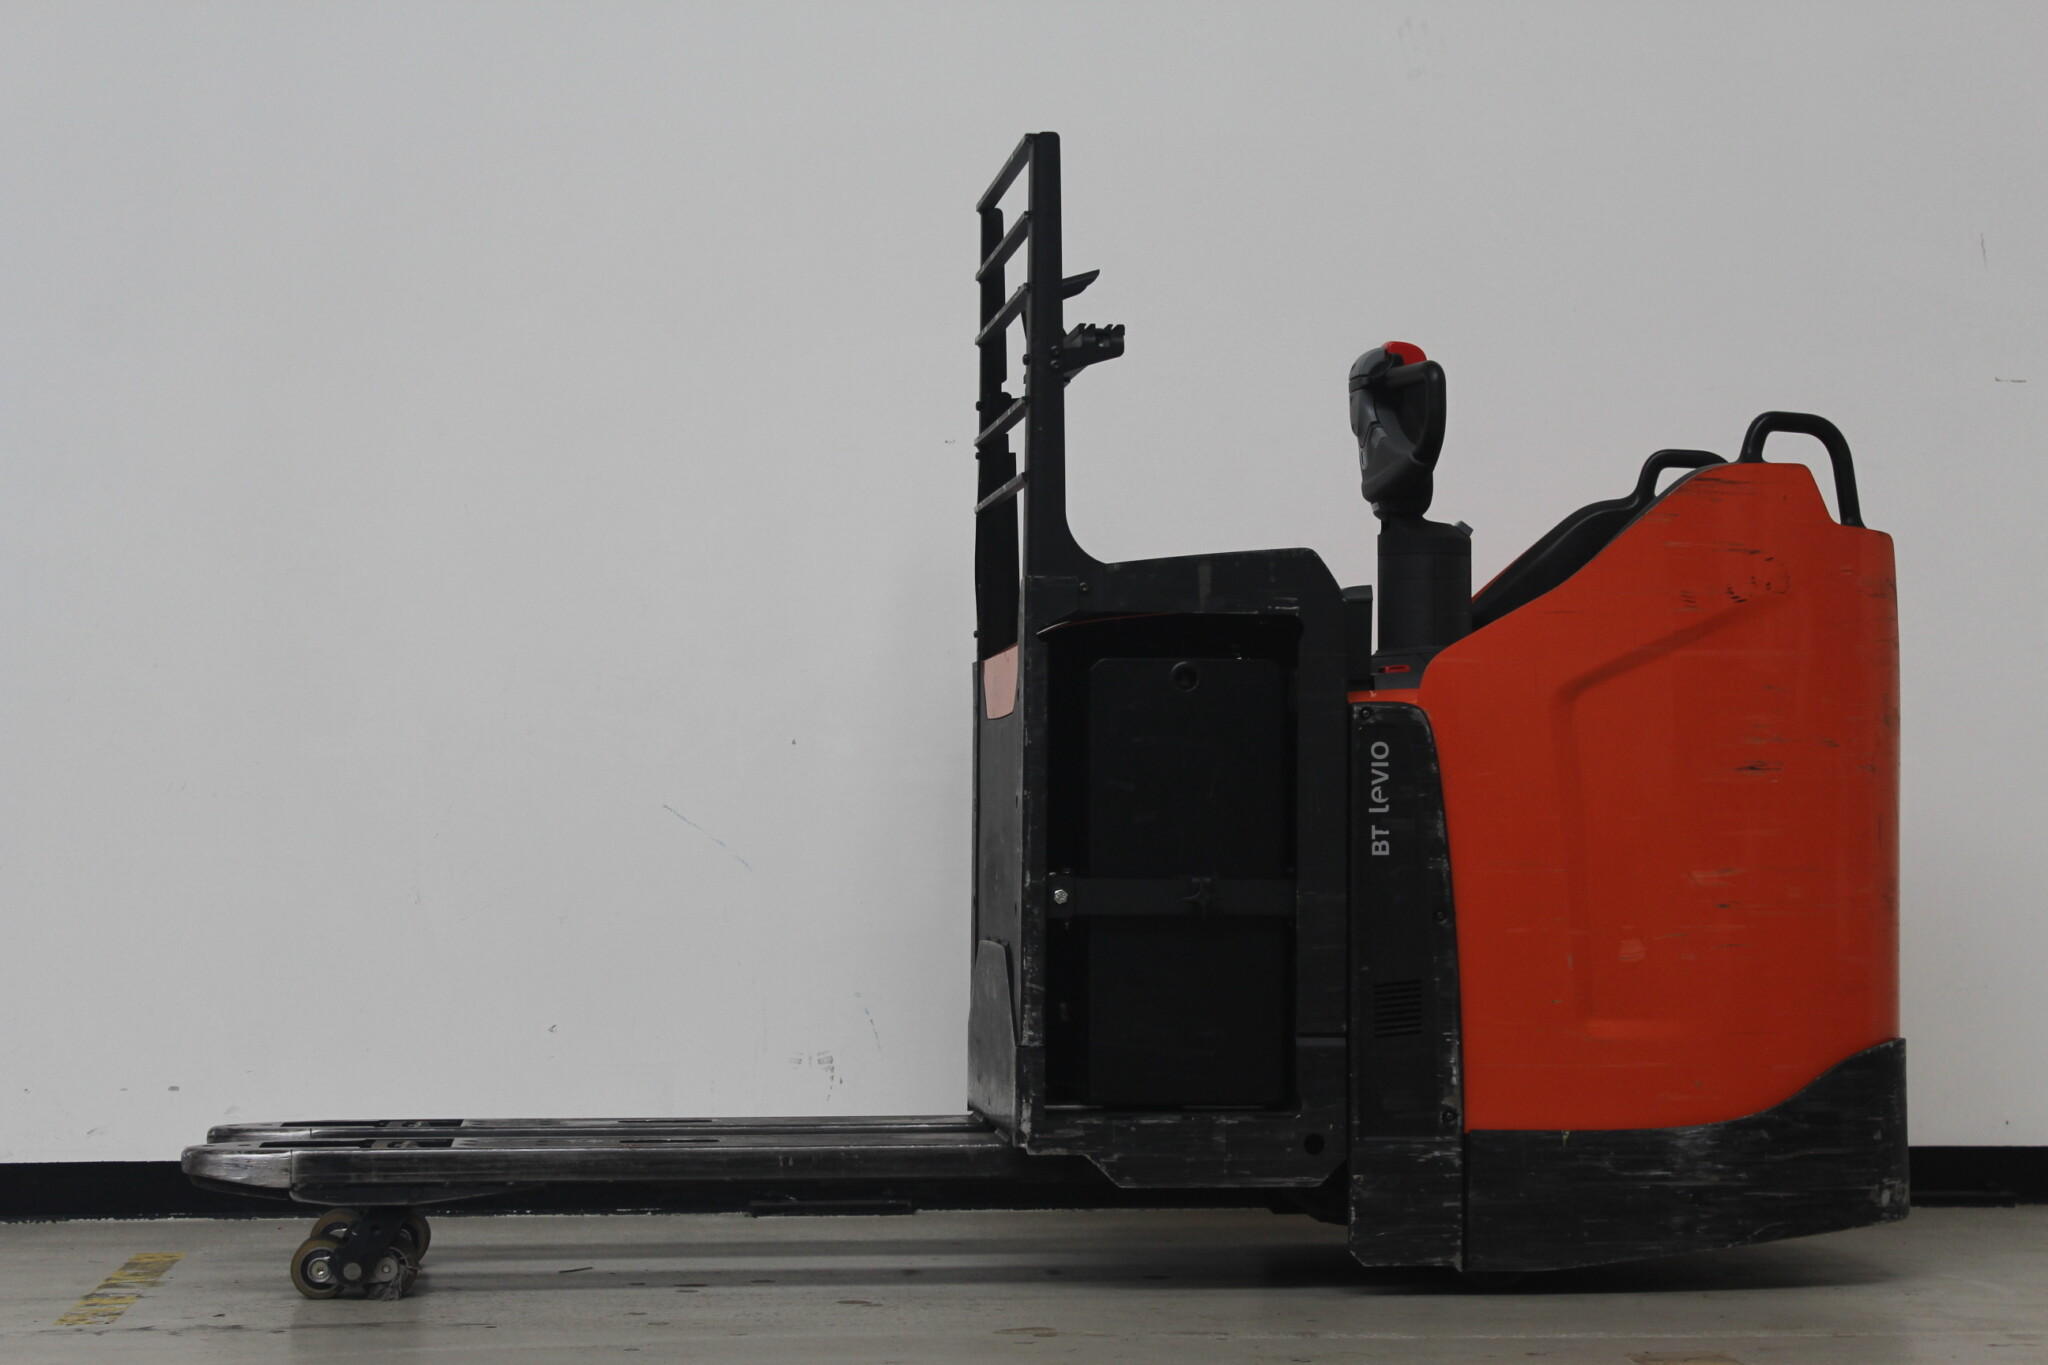 Toyota-Gabelstapler-59840 1805026660 1 31 scaled